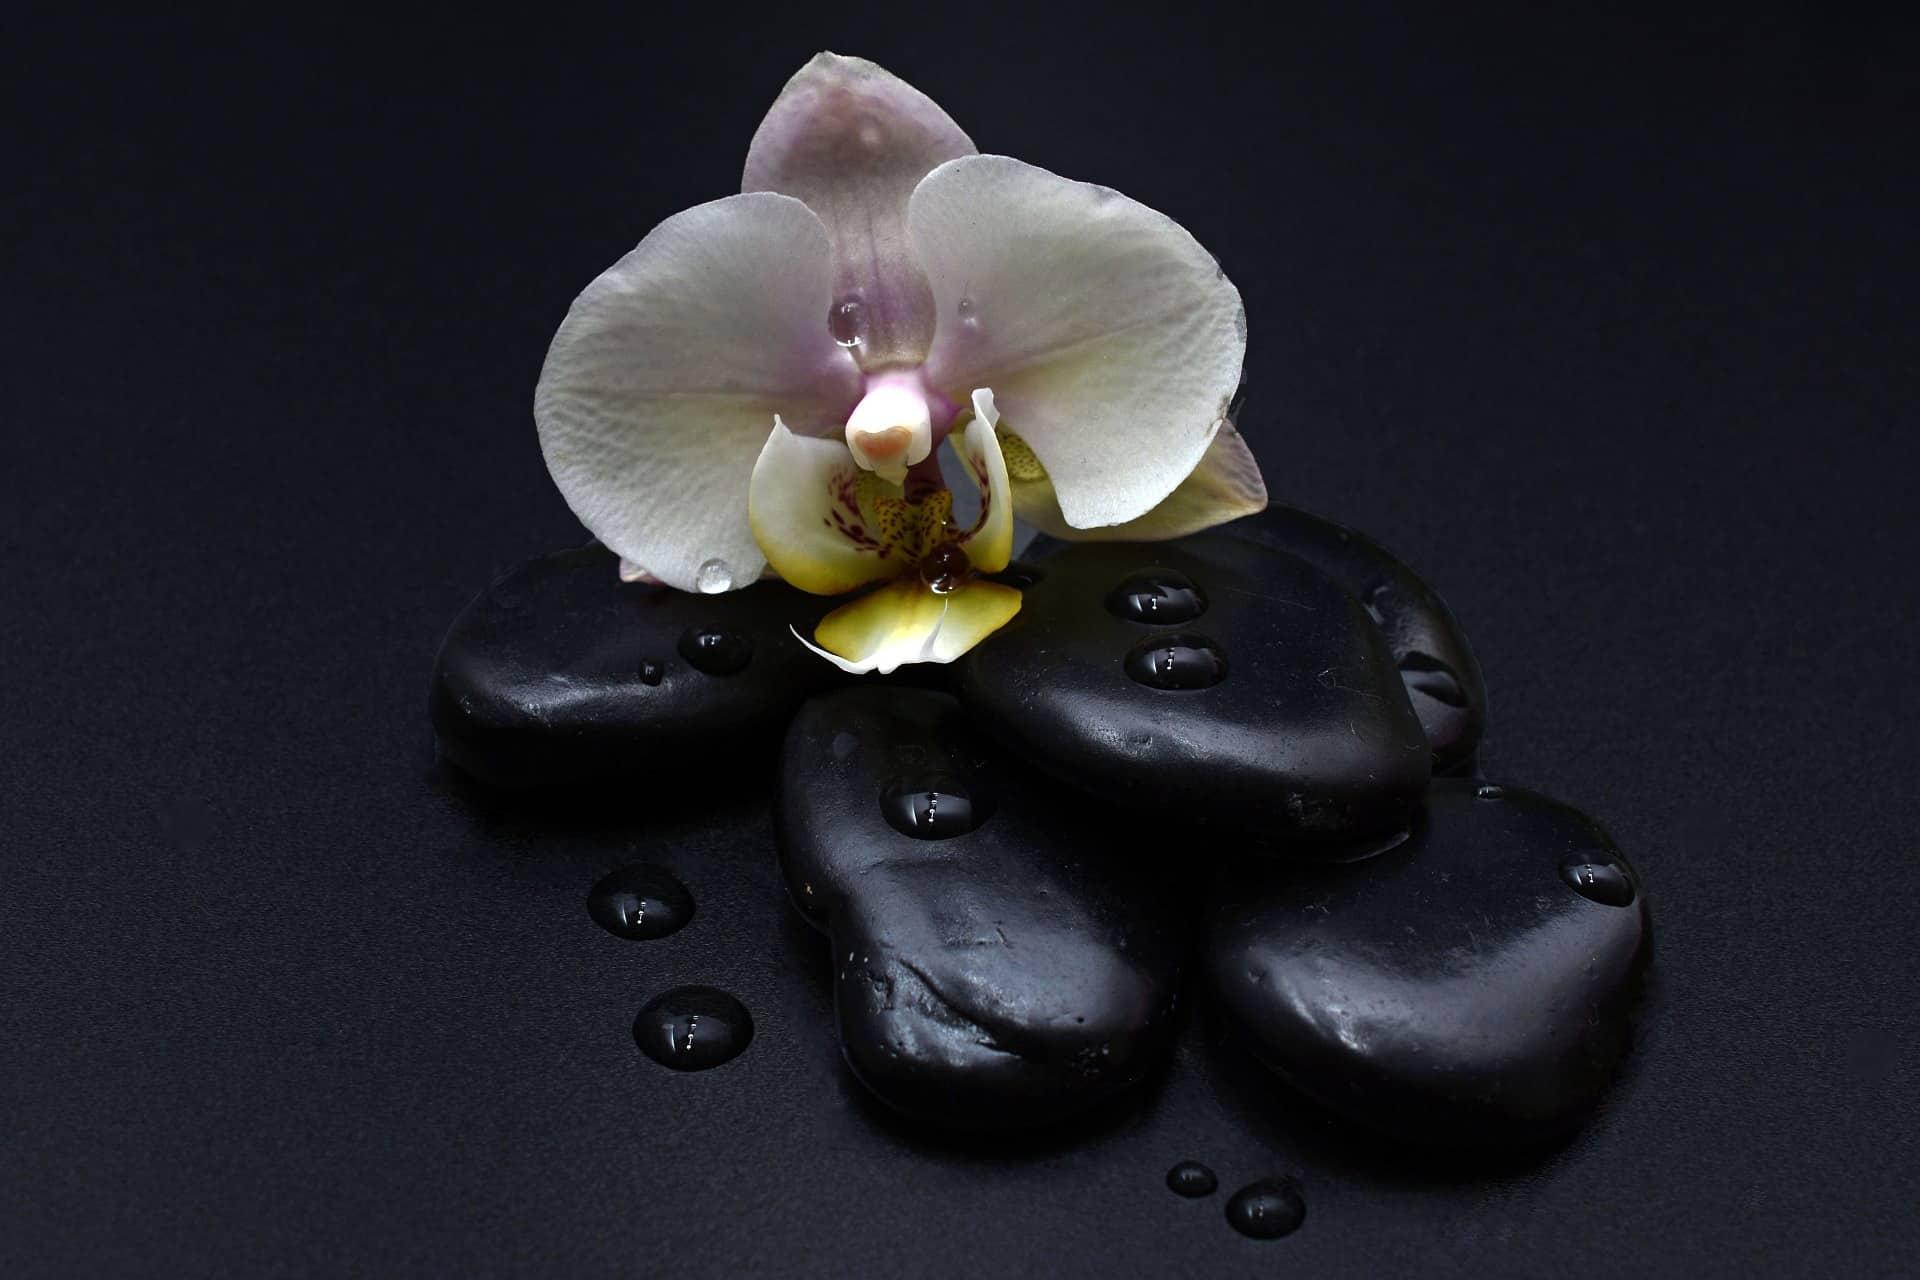 hot stone massage rocks